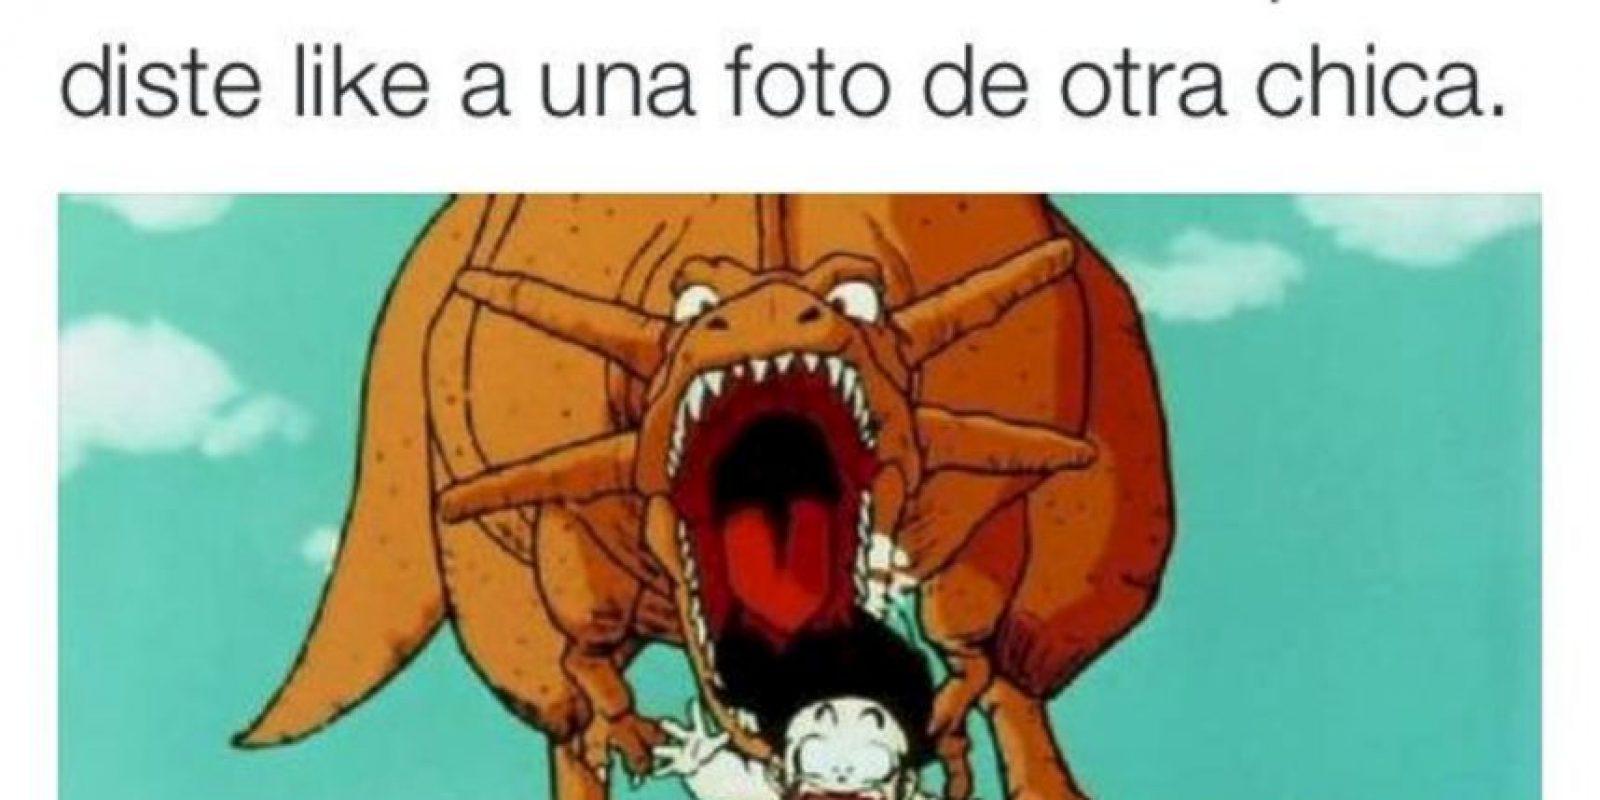 Los memes de Dragon Ball llegaron a un nuevo nivel. Foto:Bullying Mexicano/Facebook